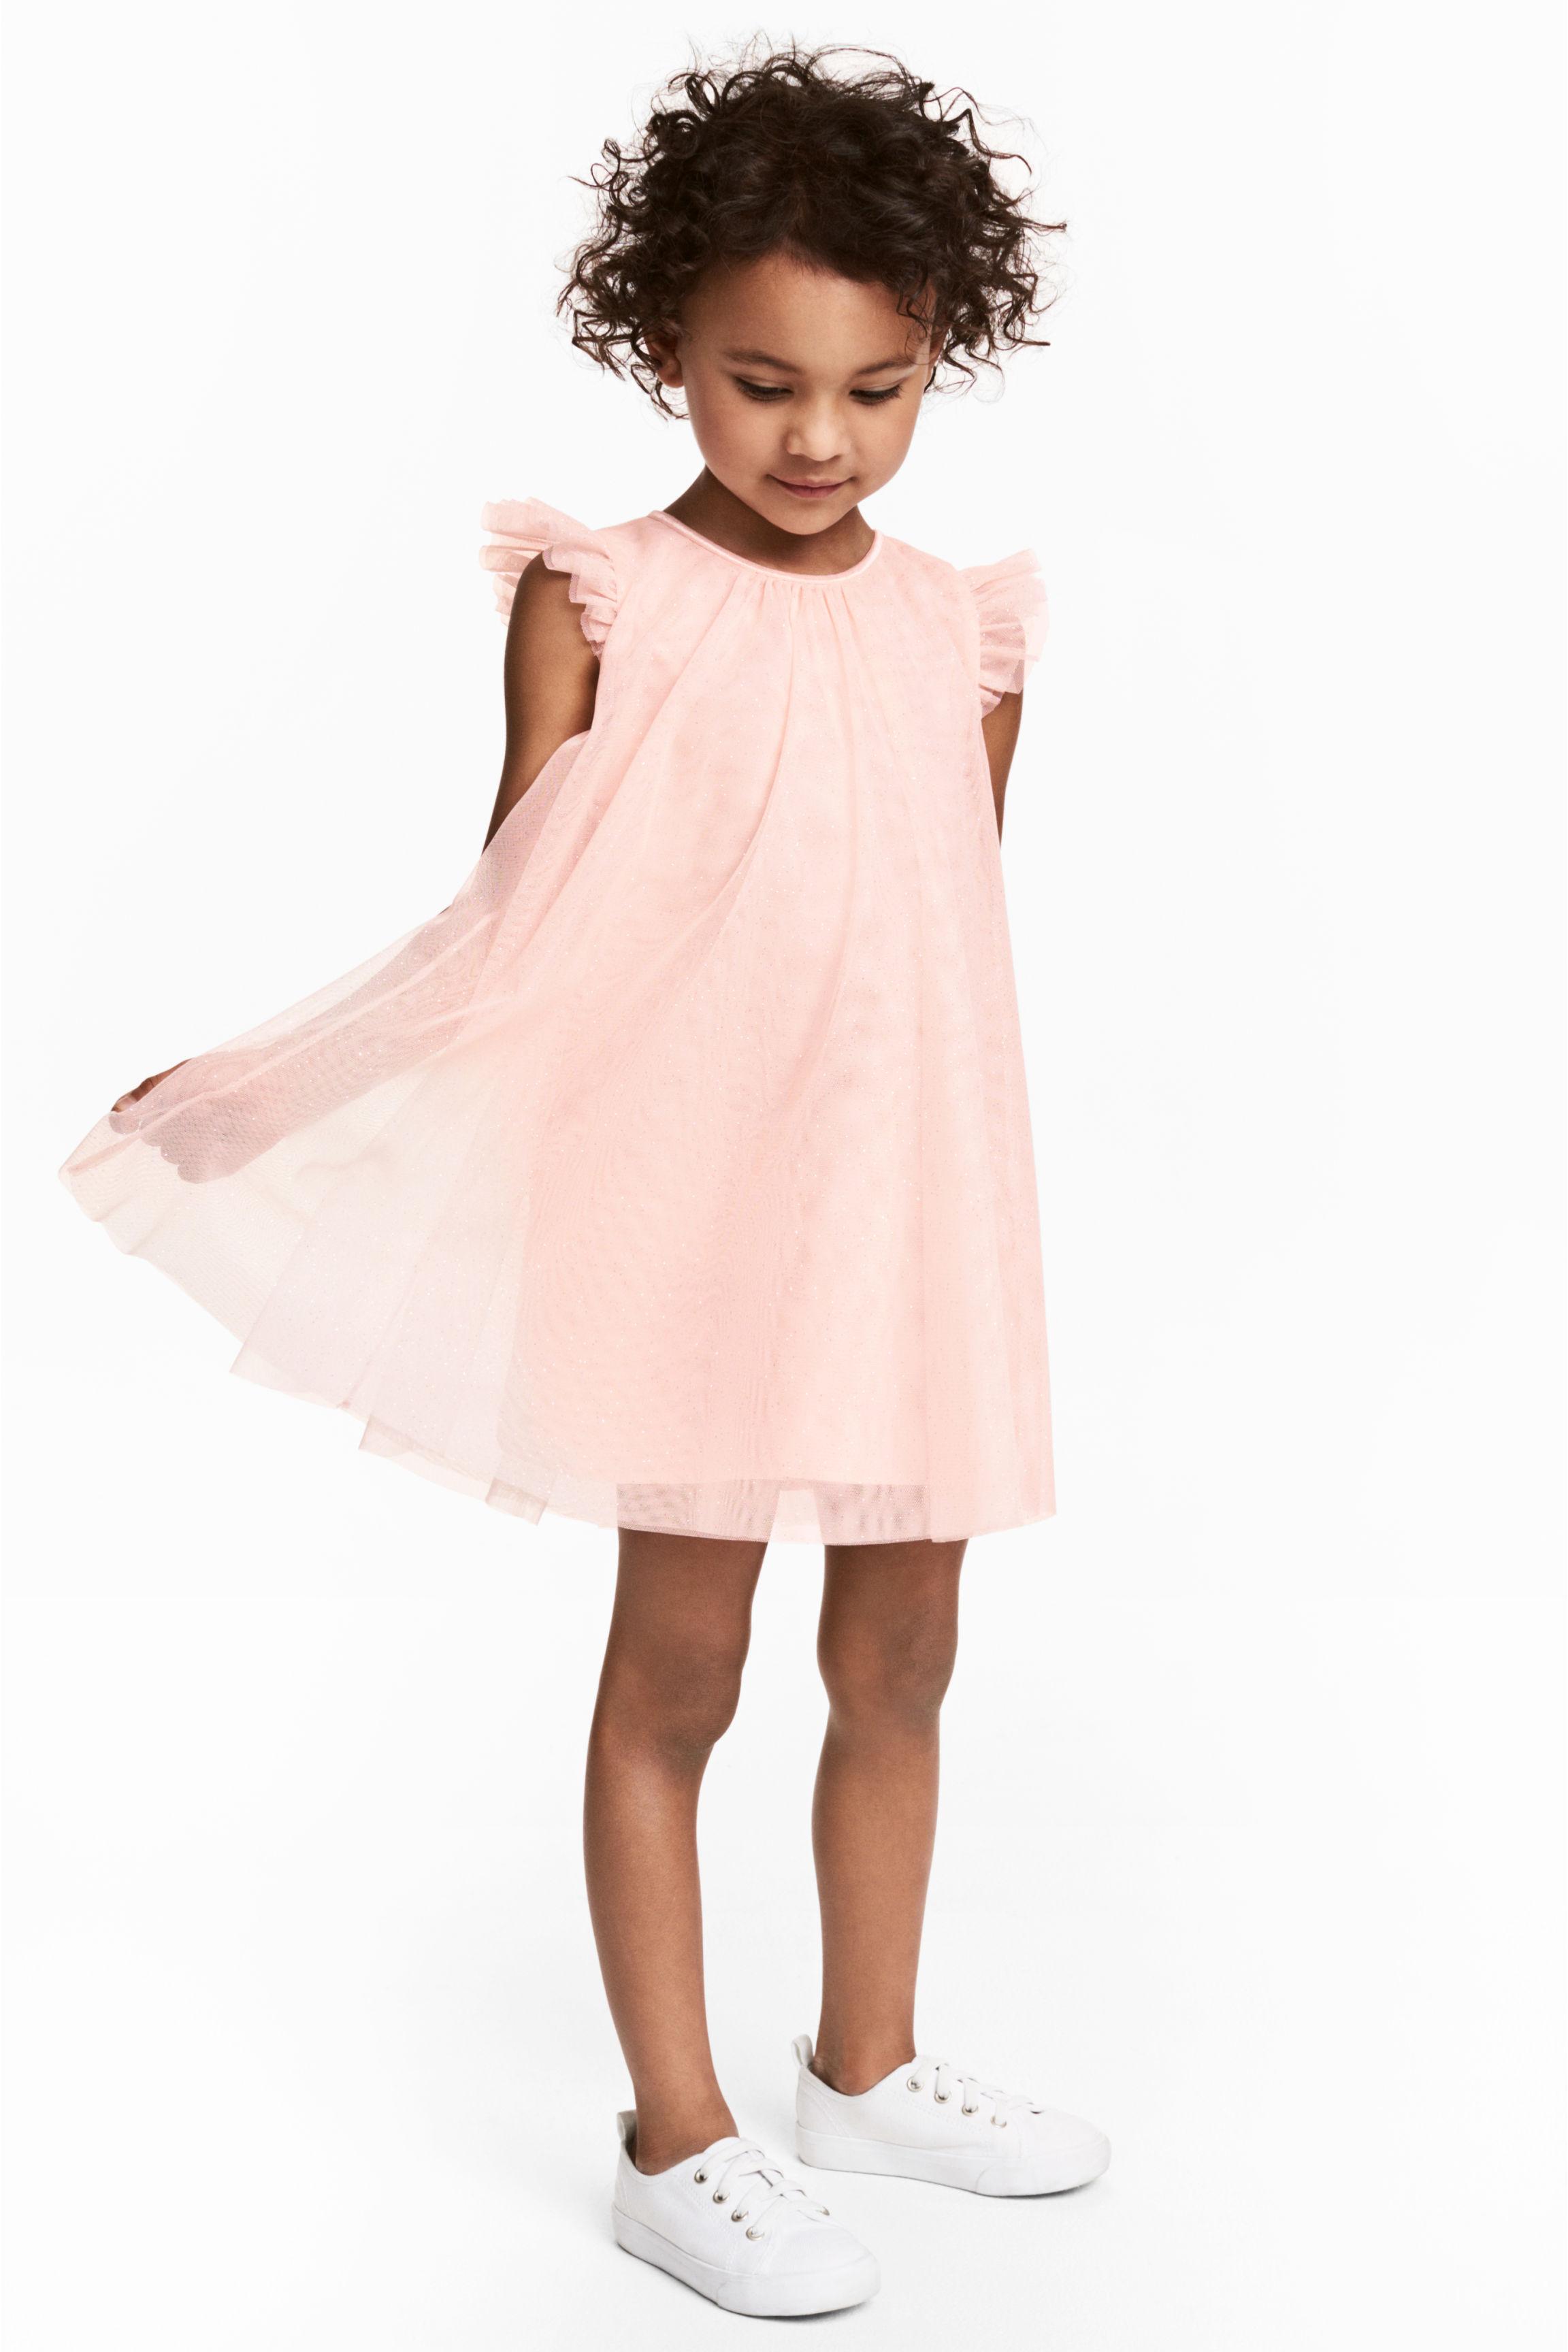 Moderno H & M Vestidos De Dama Elaboración - Ideas de Estilos de ...